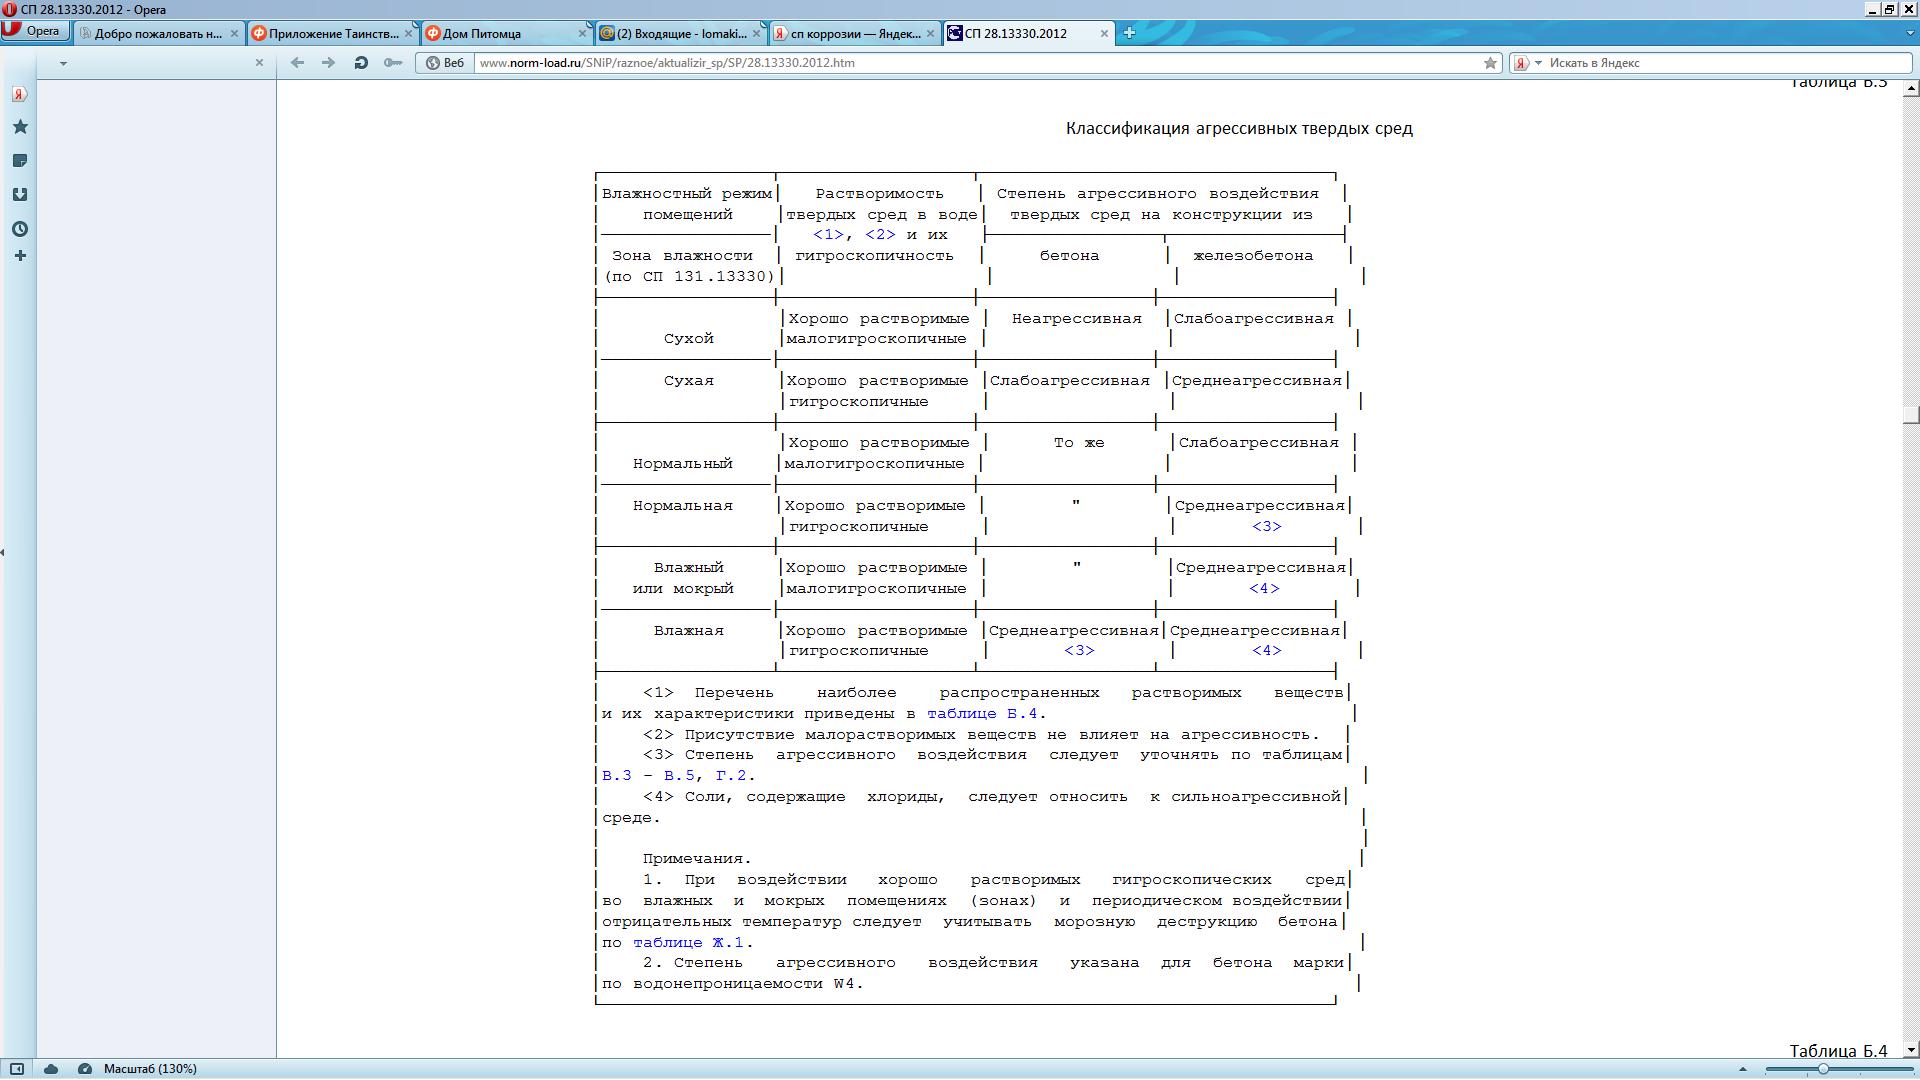 Приложение 2. Характеристика твердых сред (солей, аэрозолей и пыли)